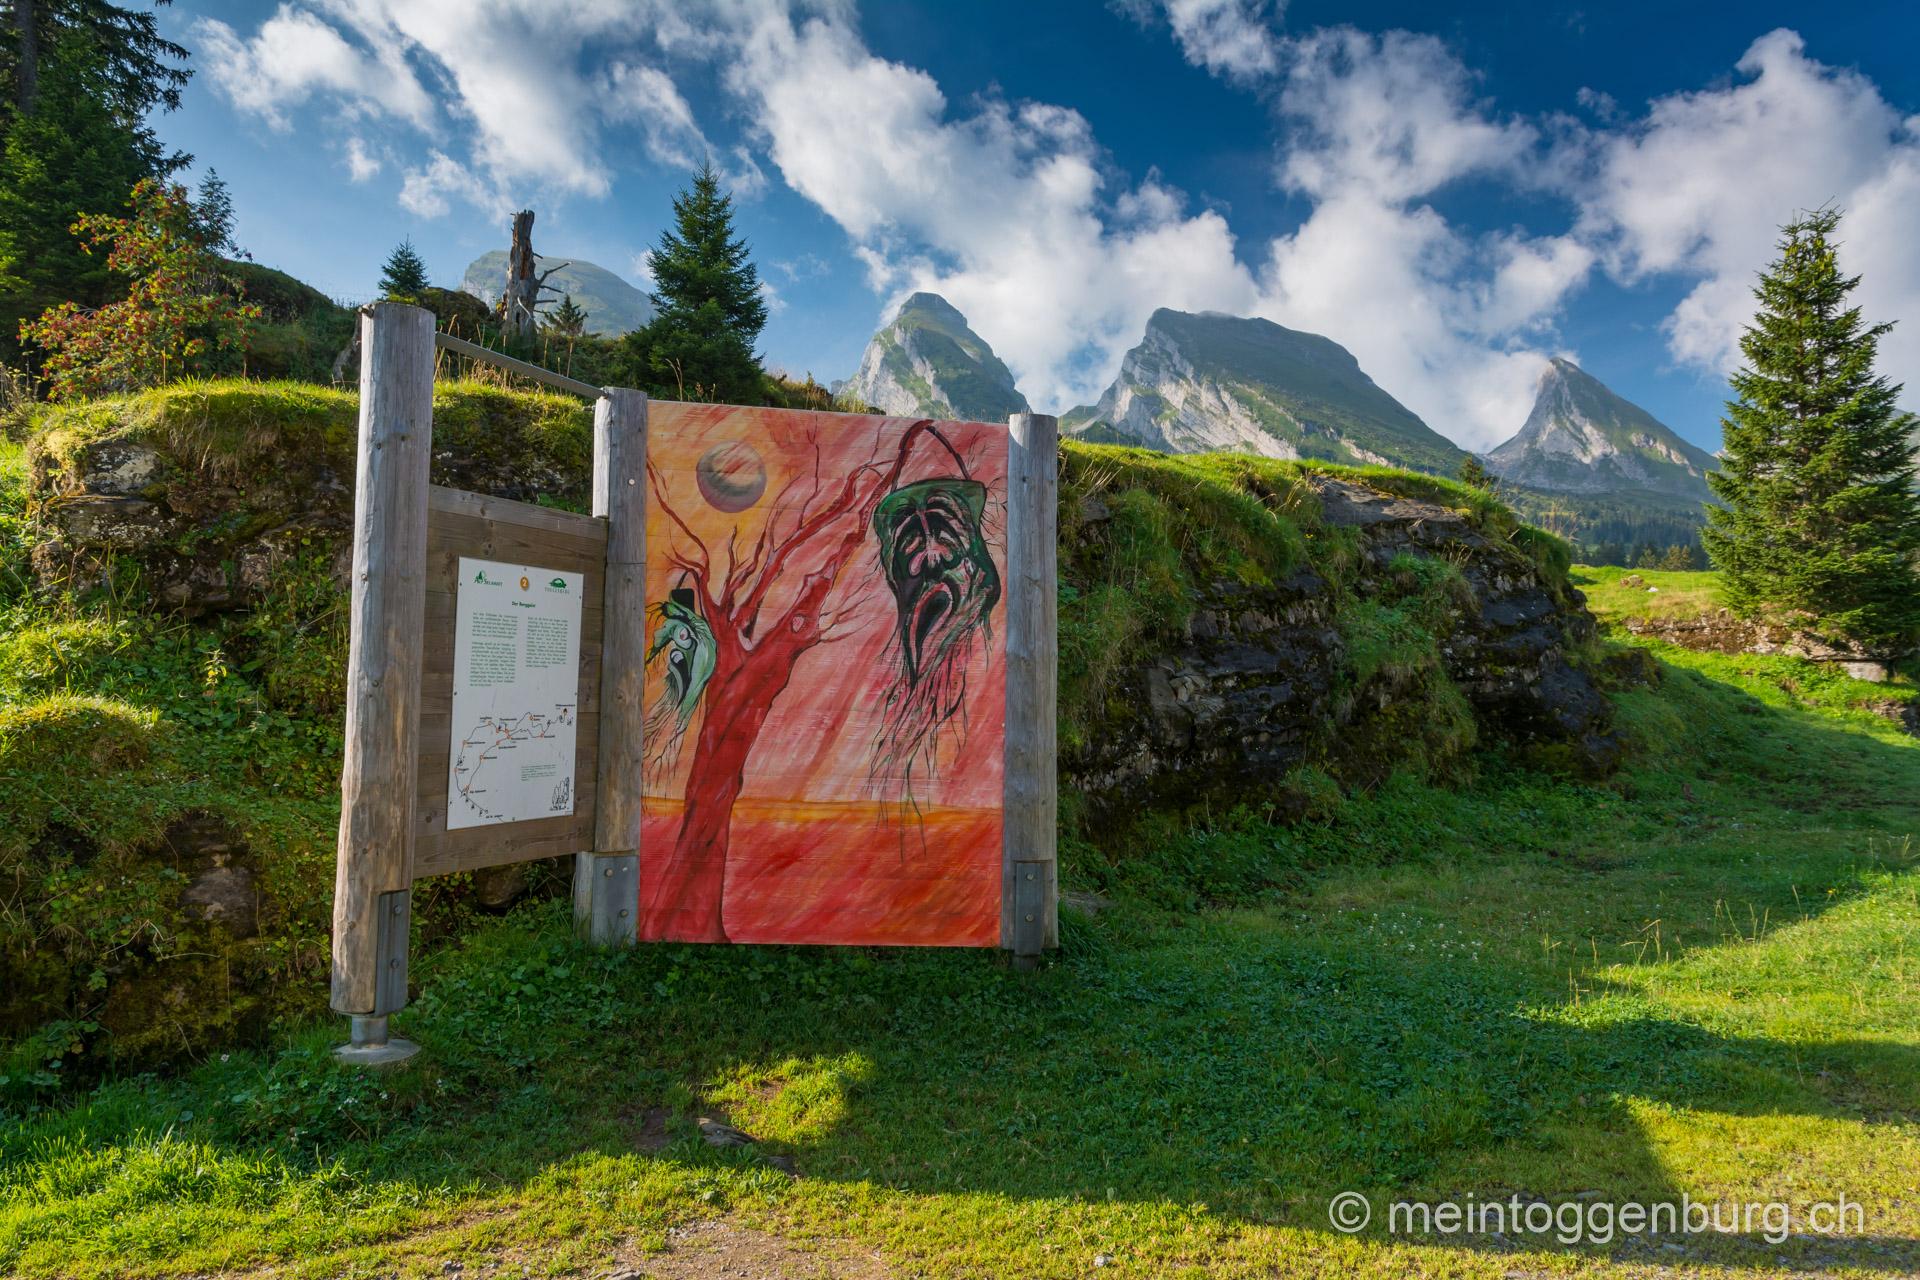 Toggenburger Sagenweg - Der Berggeist